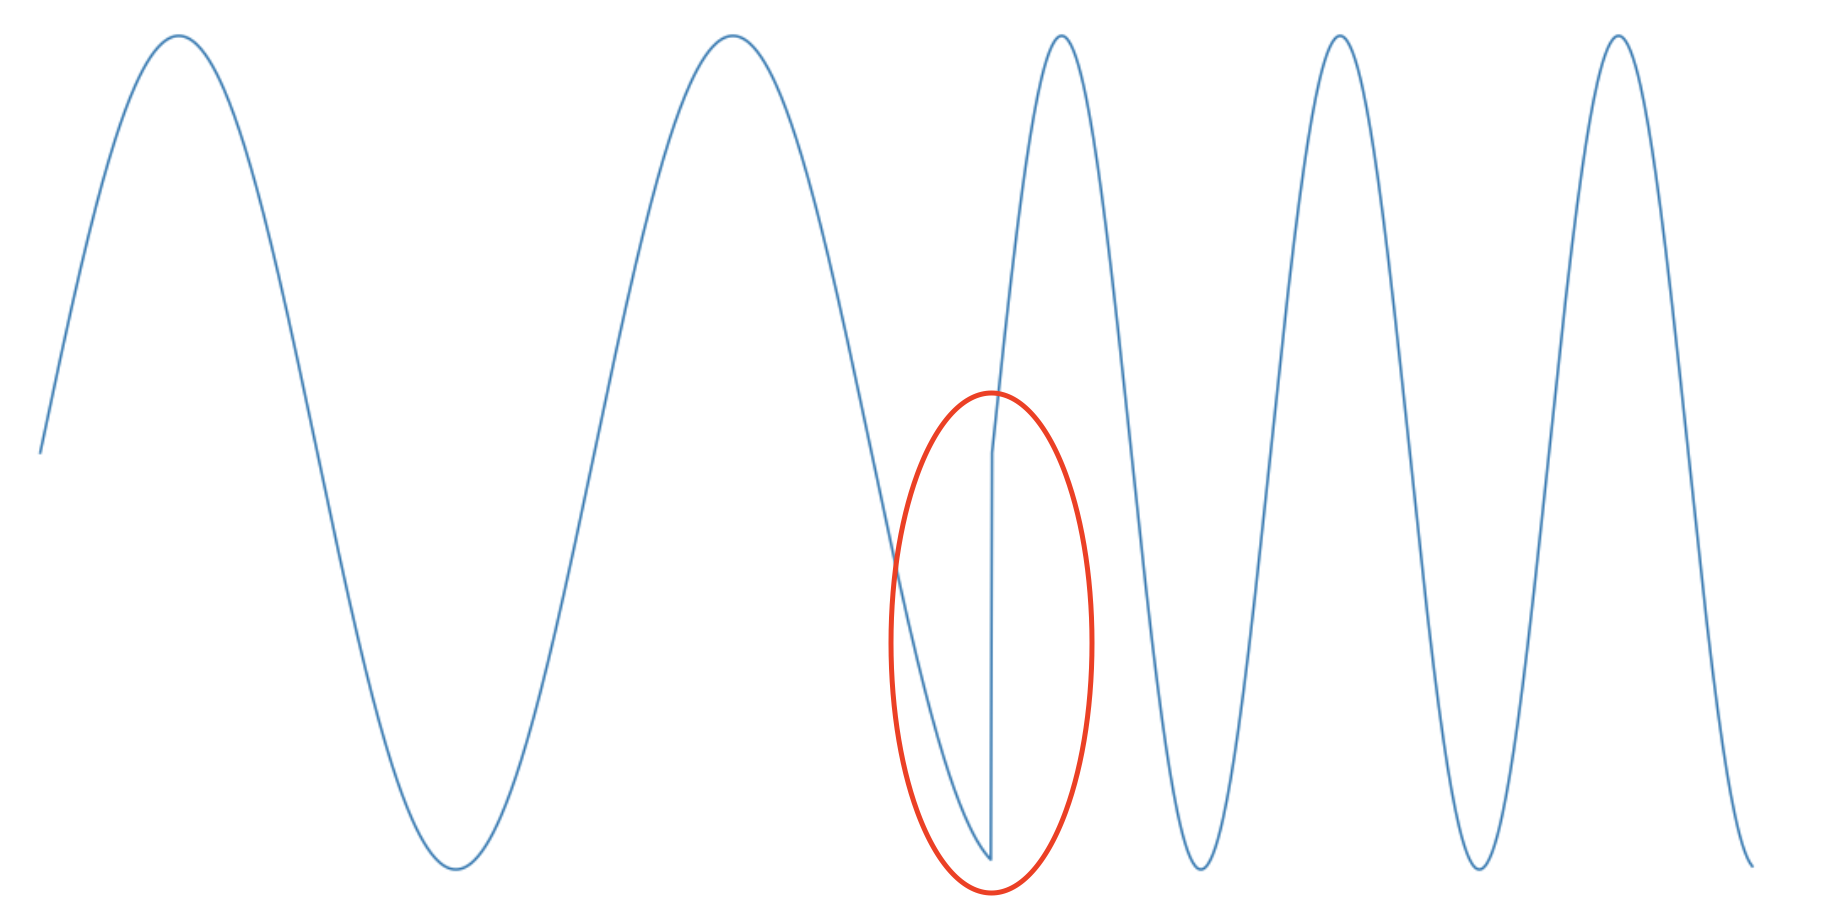 Как уязвимость в Яндекс.Станции вдохновила меня на проект: Музыкальная передача данных - 4